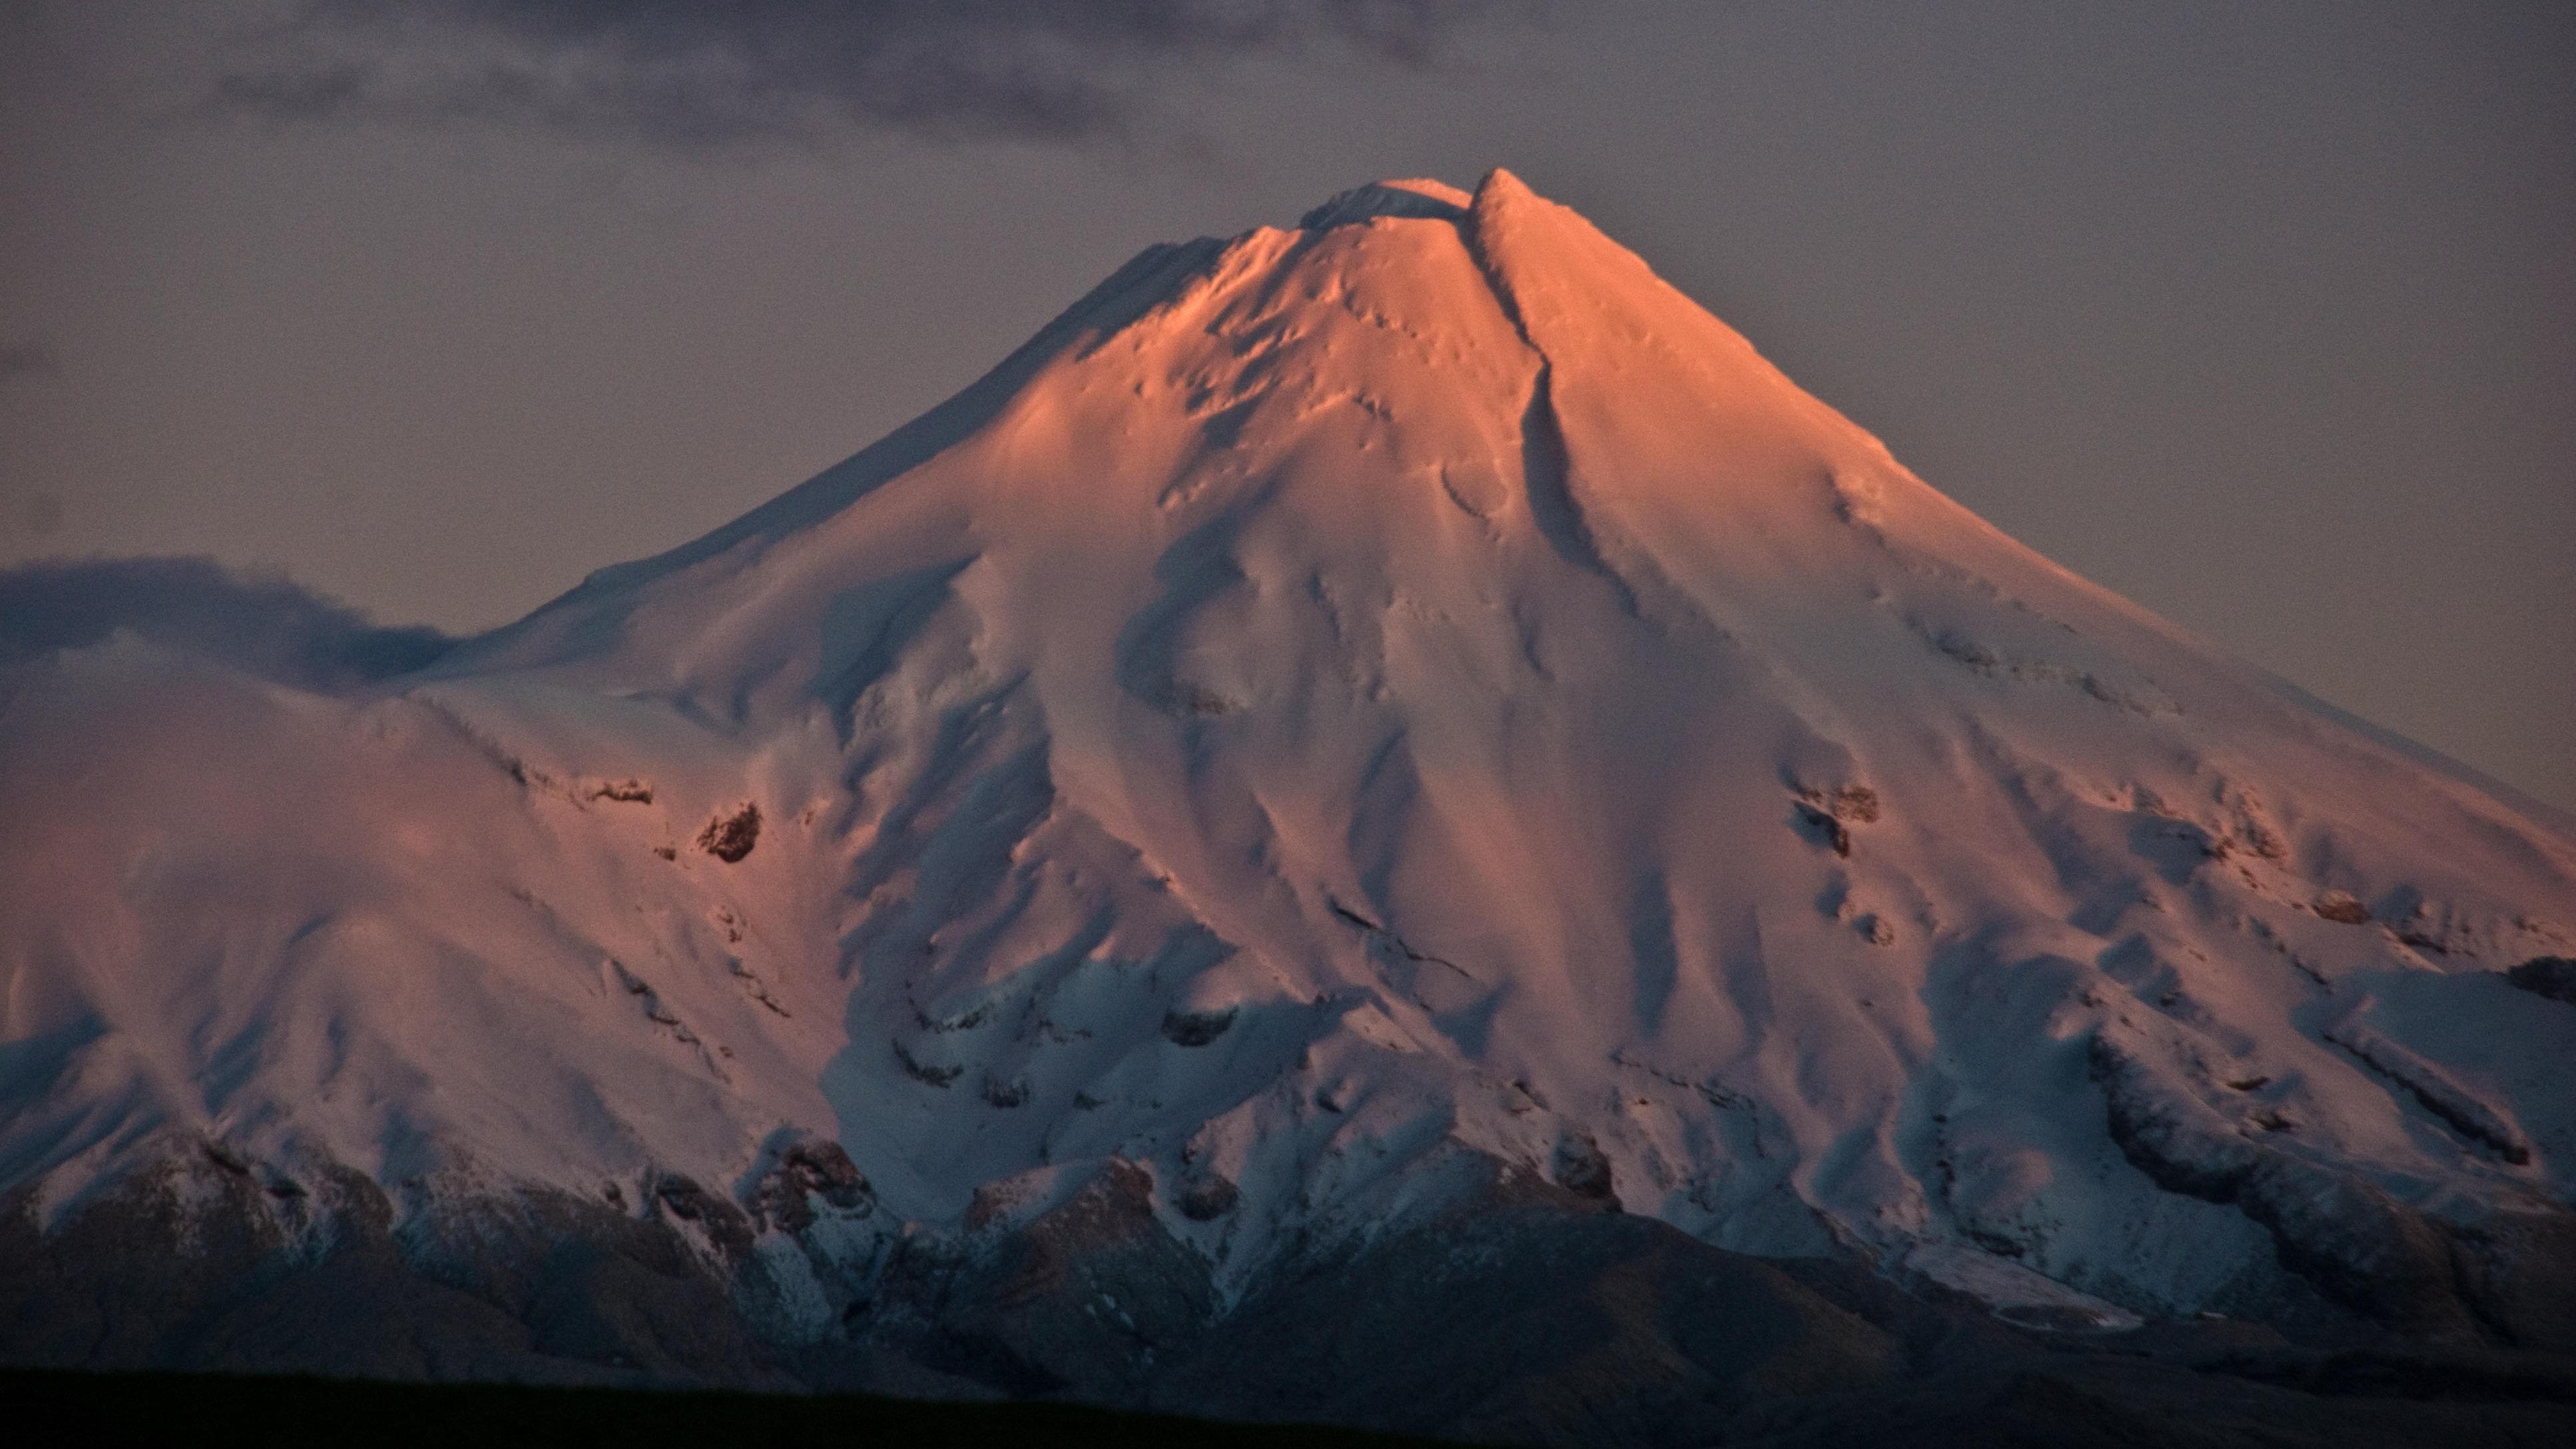 MOUNT TARANAKI: Det karakteristiske 2518 meter høye fjellet er hellig for maoriene, som kaller det for «det skinnende fjellet» på grunn av snøkappen som ligger på fjellet om vinteren.